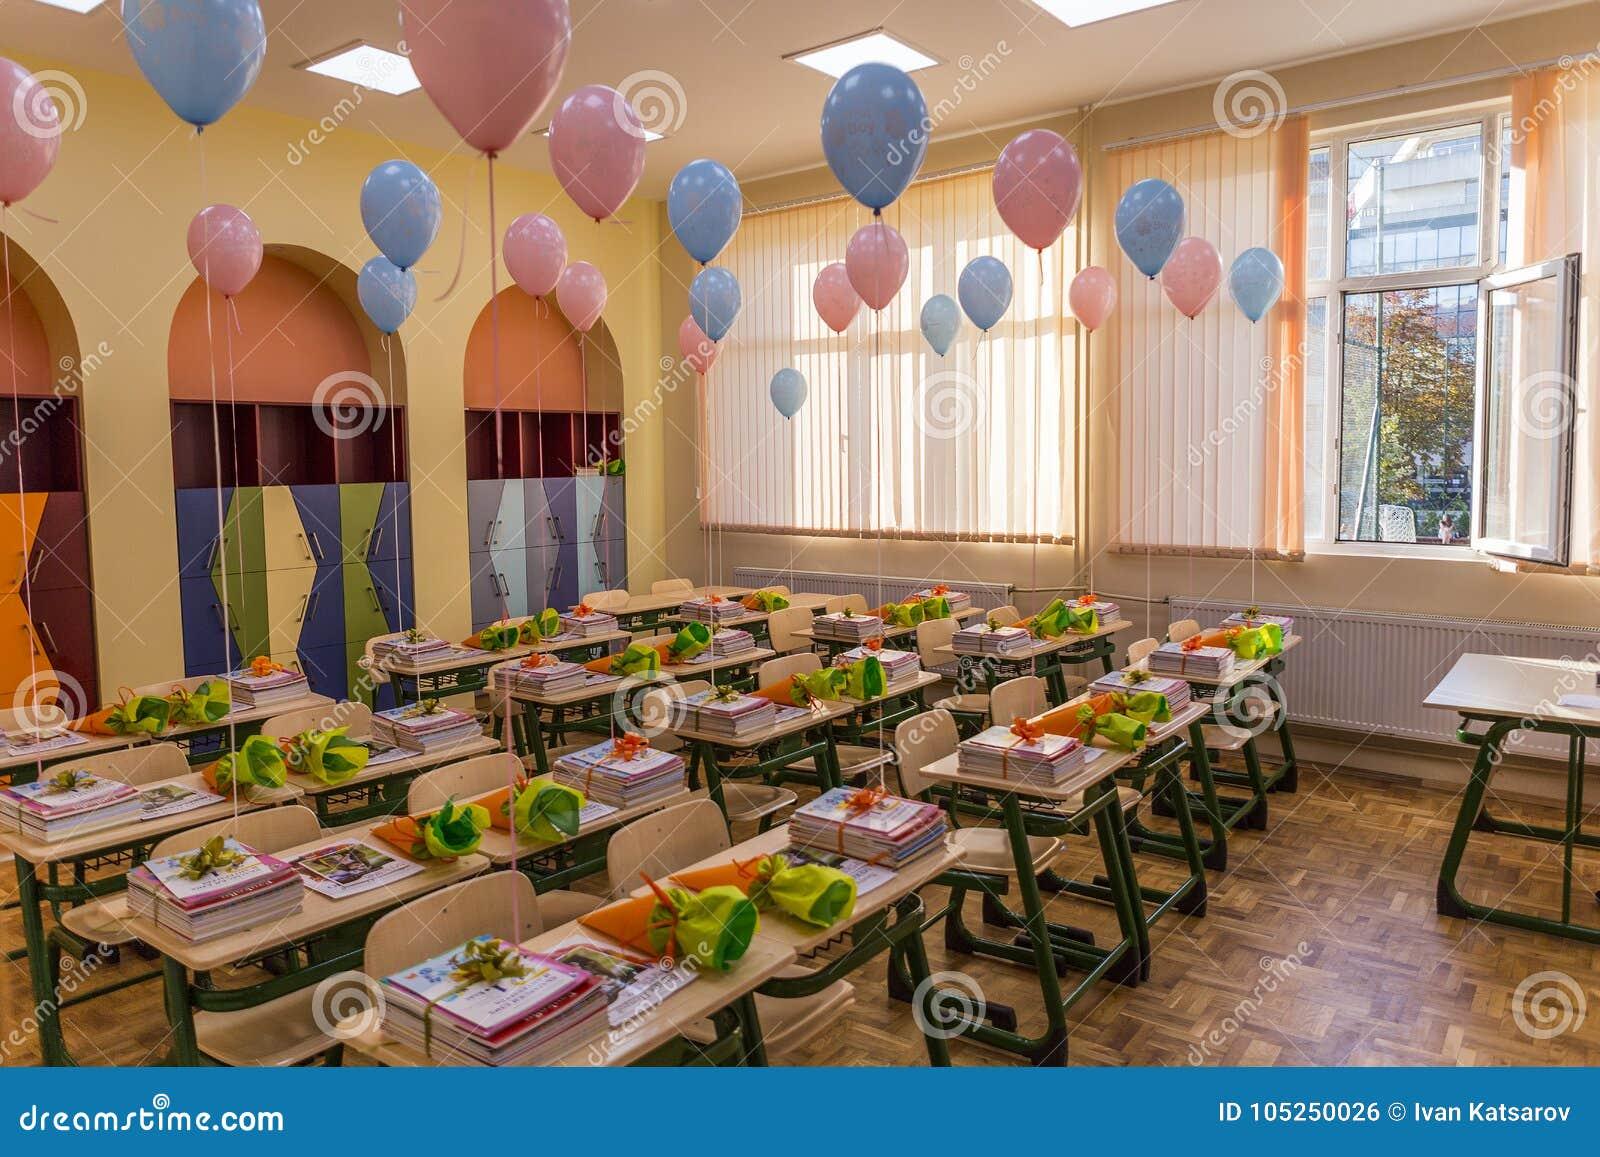 salle de classe disposée et décorée pour des élèves avec les ballons